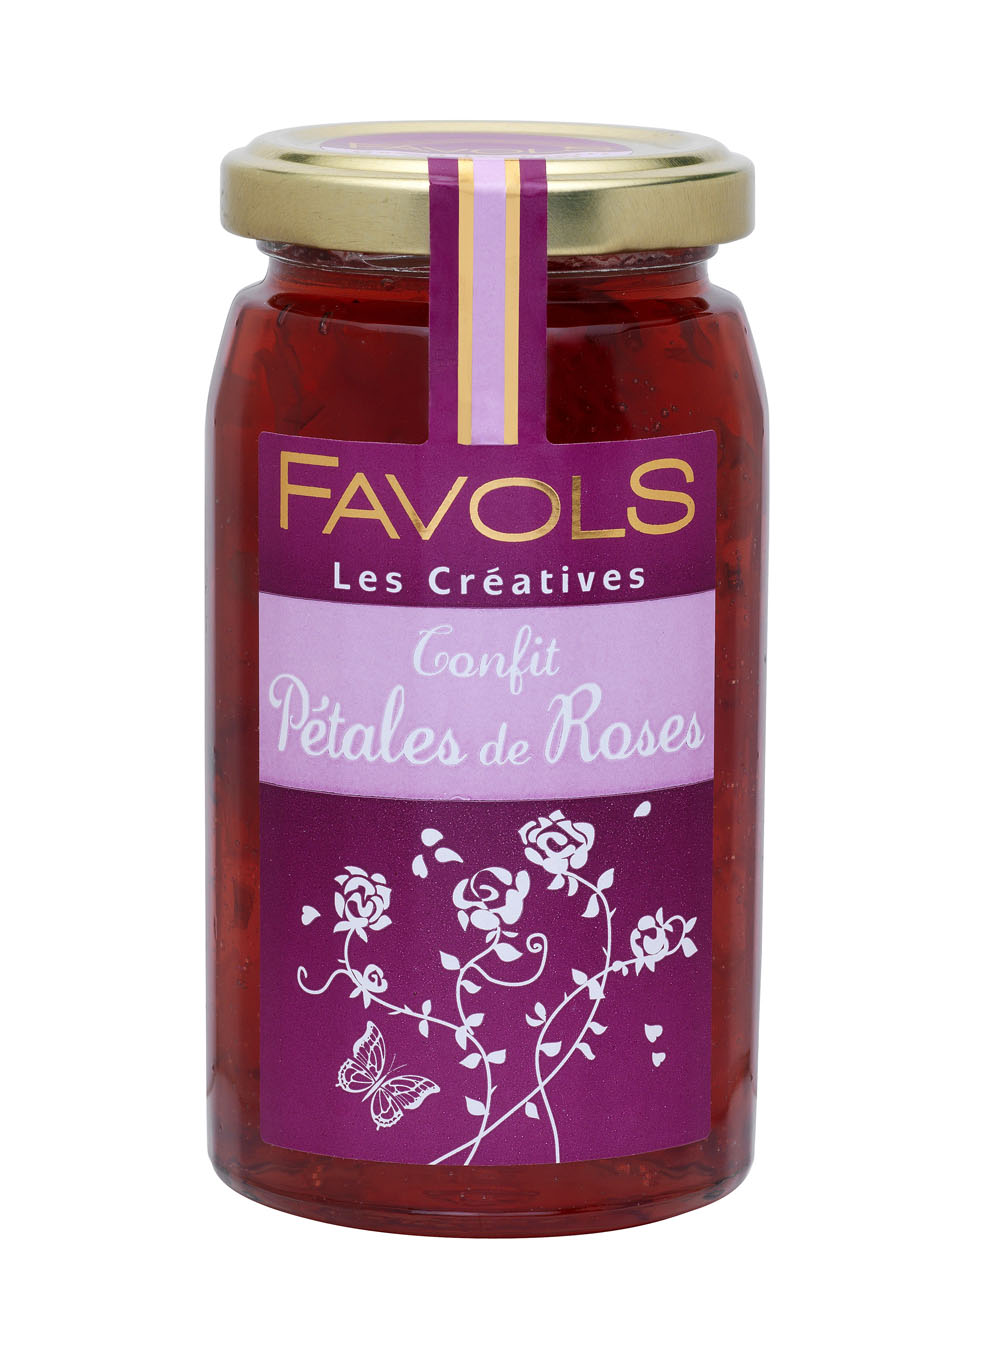 Confit aux pétales de rose, Favols (270 g)